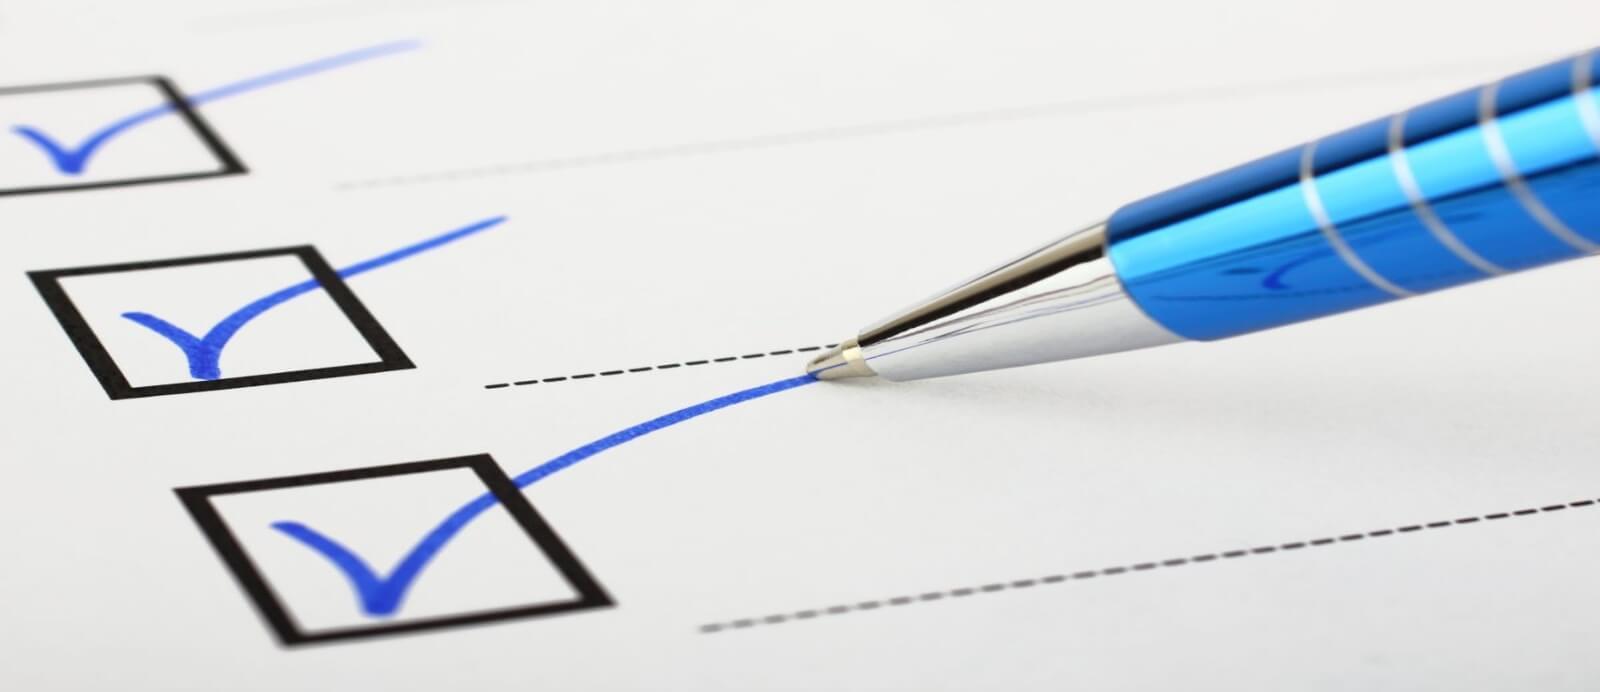 Checklist Marker